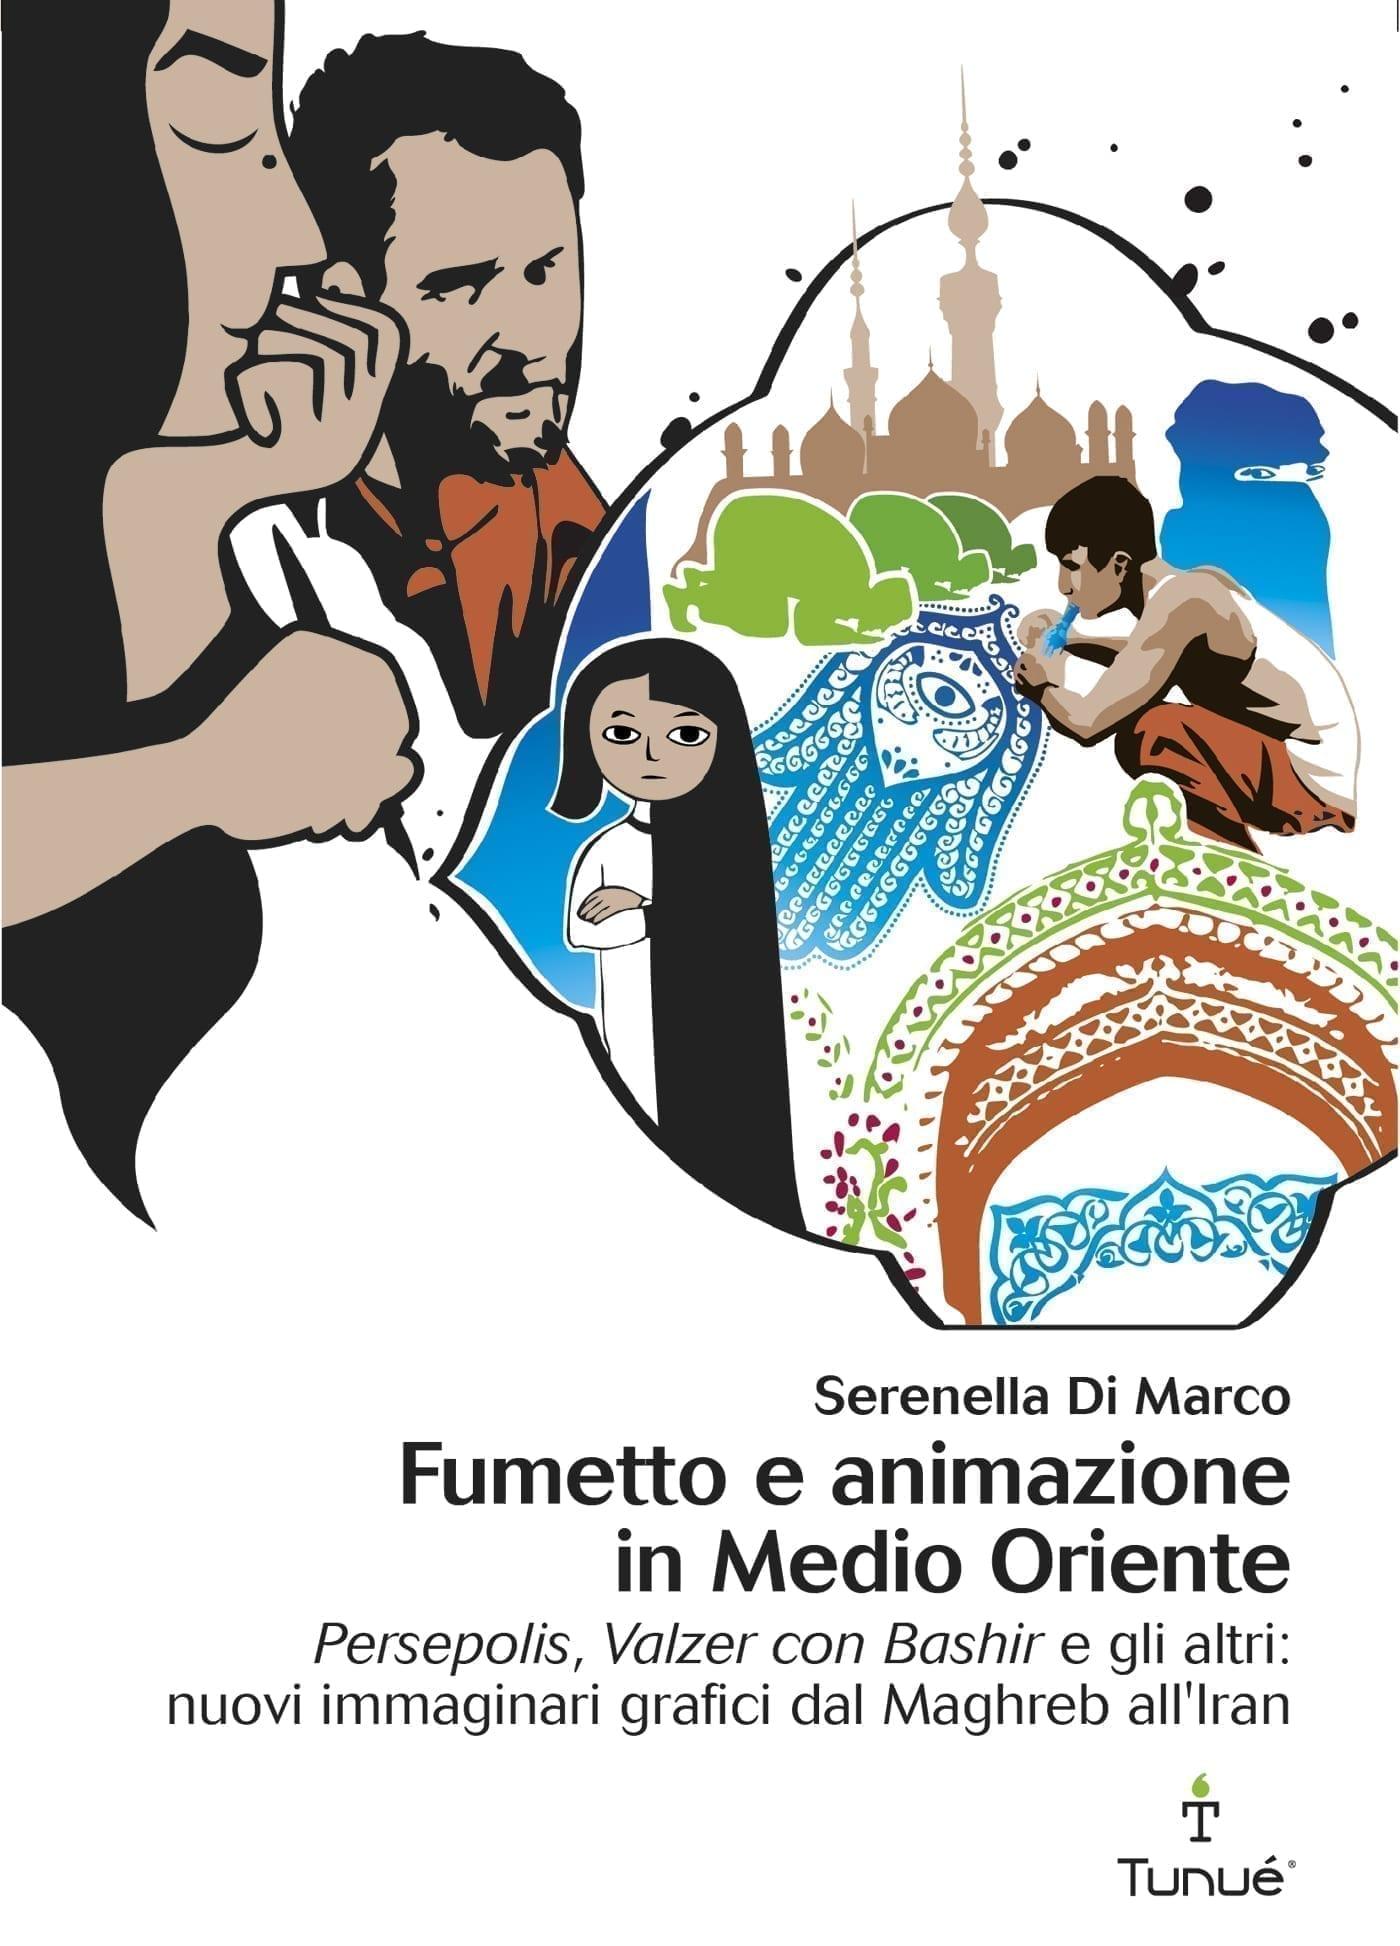 Fumetto e animazione in medioriente Serenella Di Marco